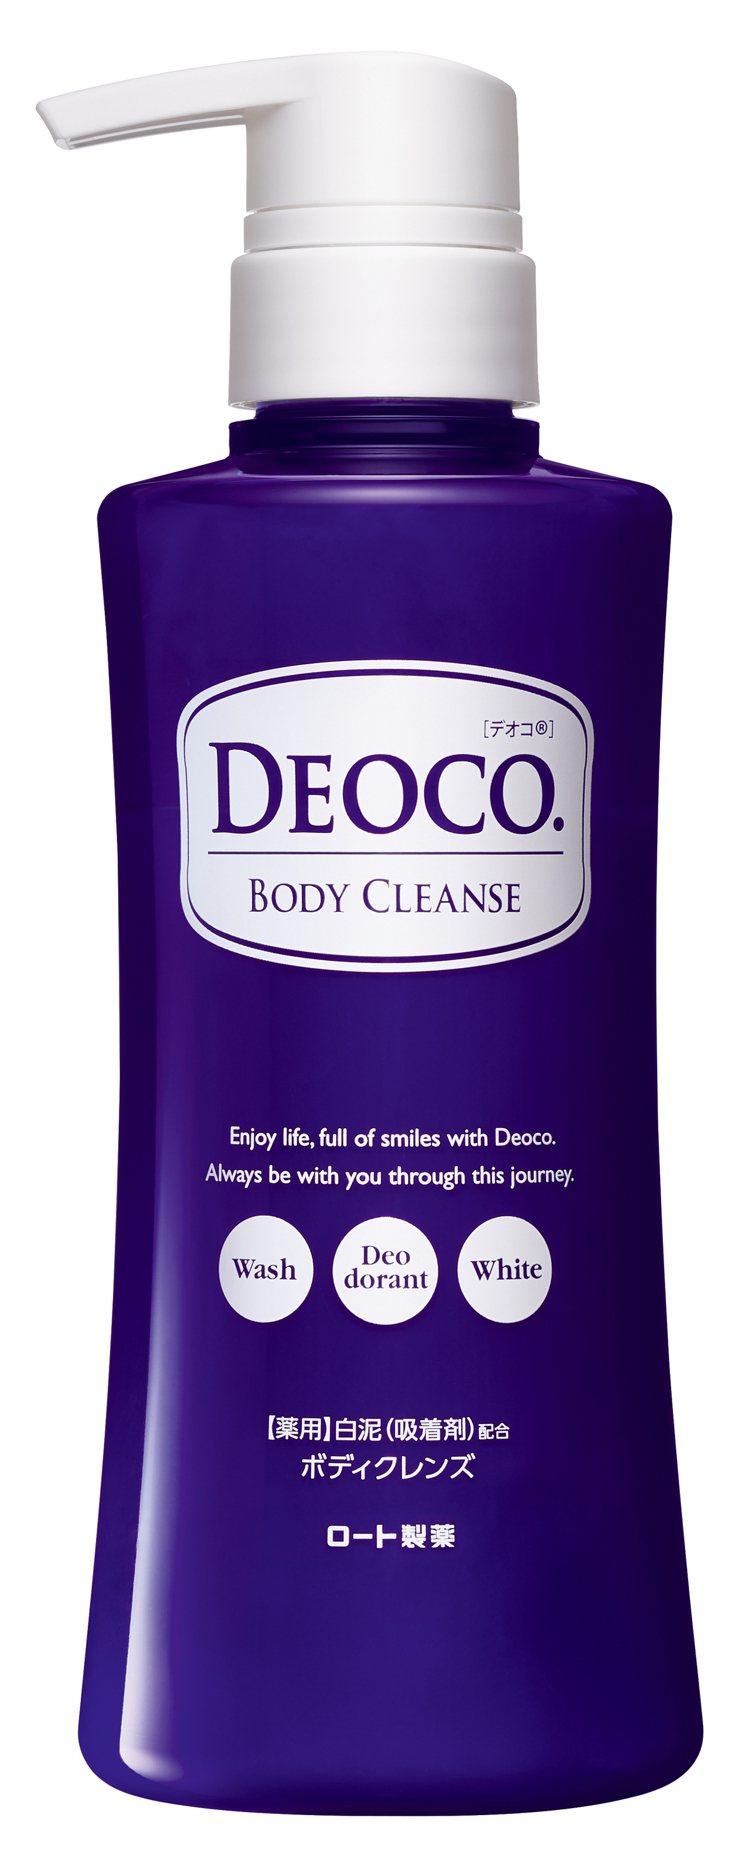 DEOCO白泥淨味沐浴乳/350ml/499元。圖/樂敦製藥提供